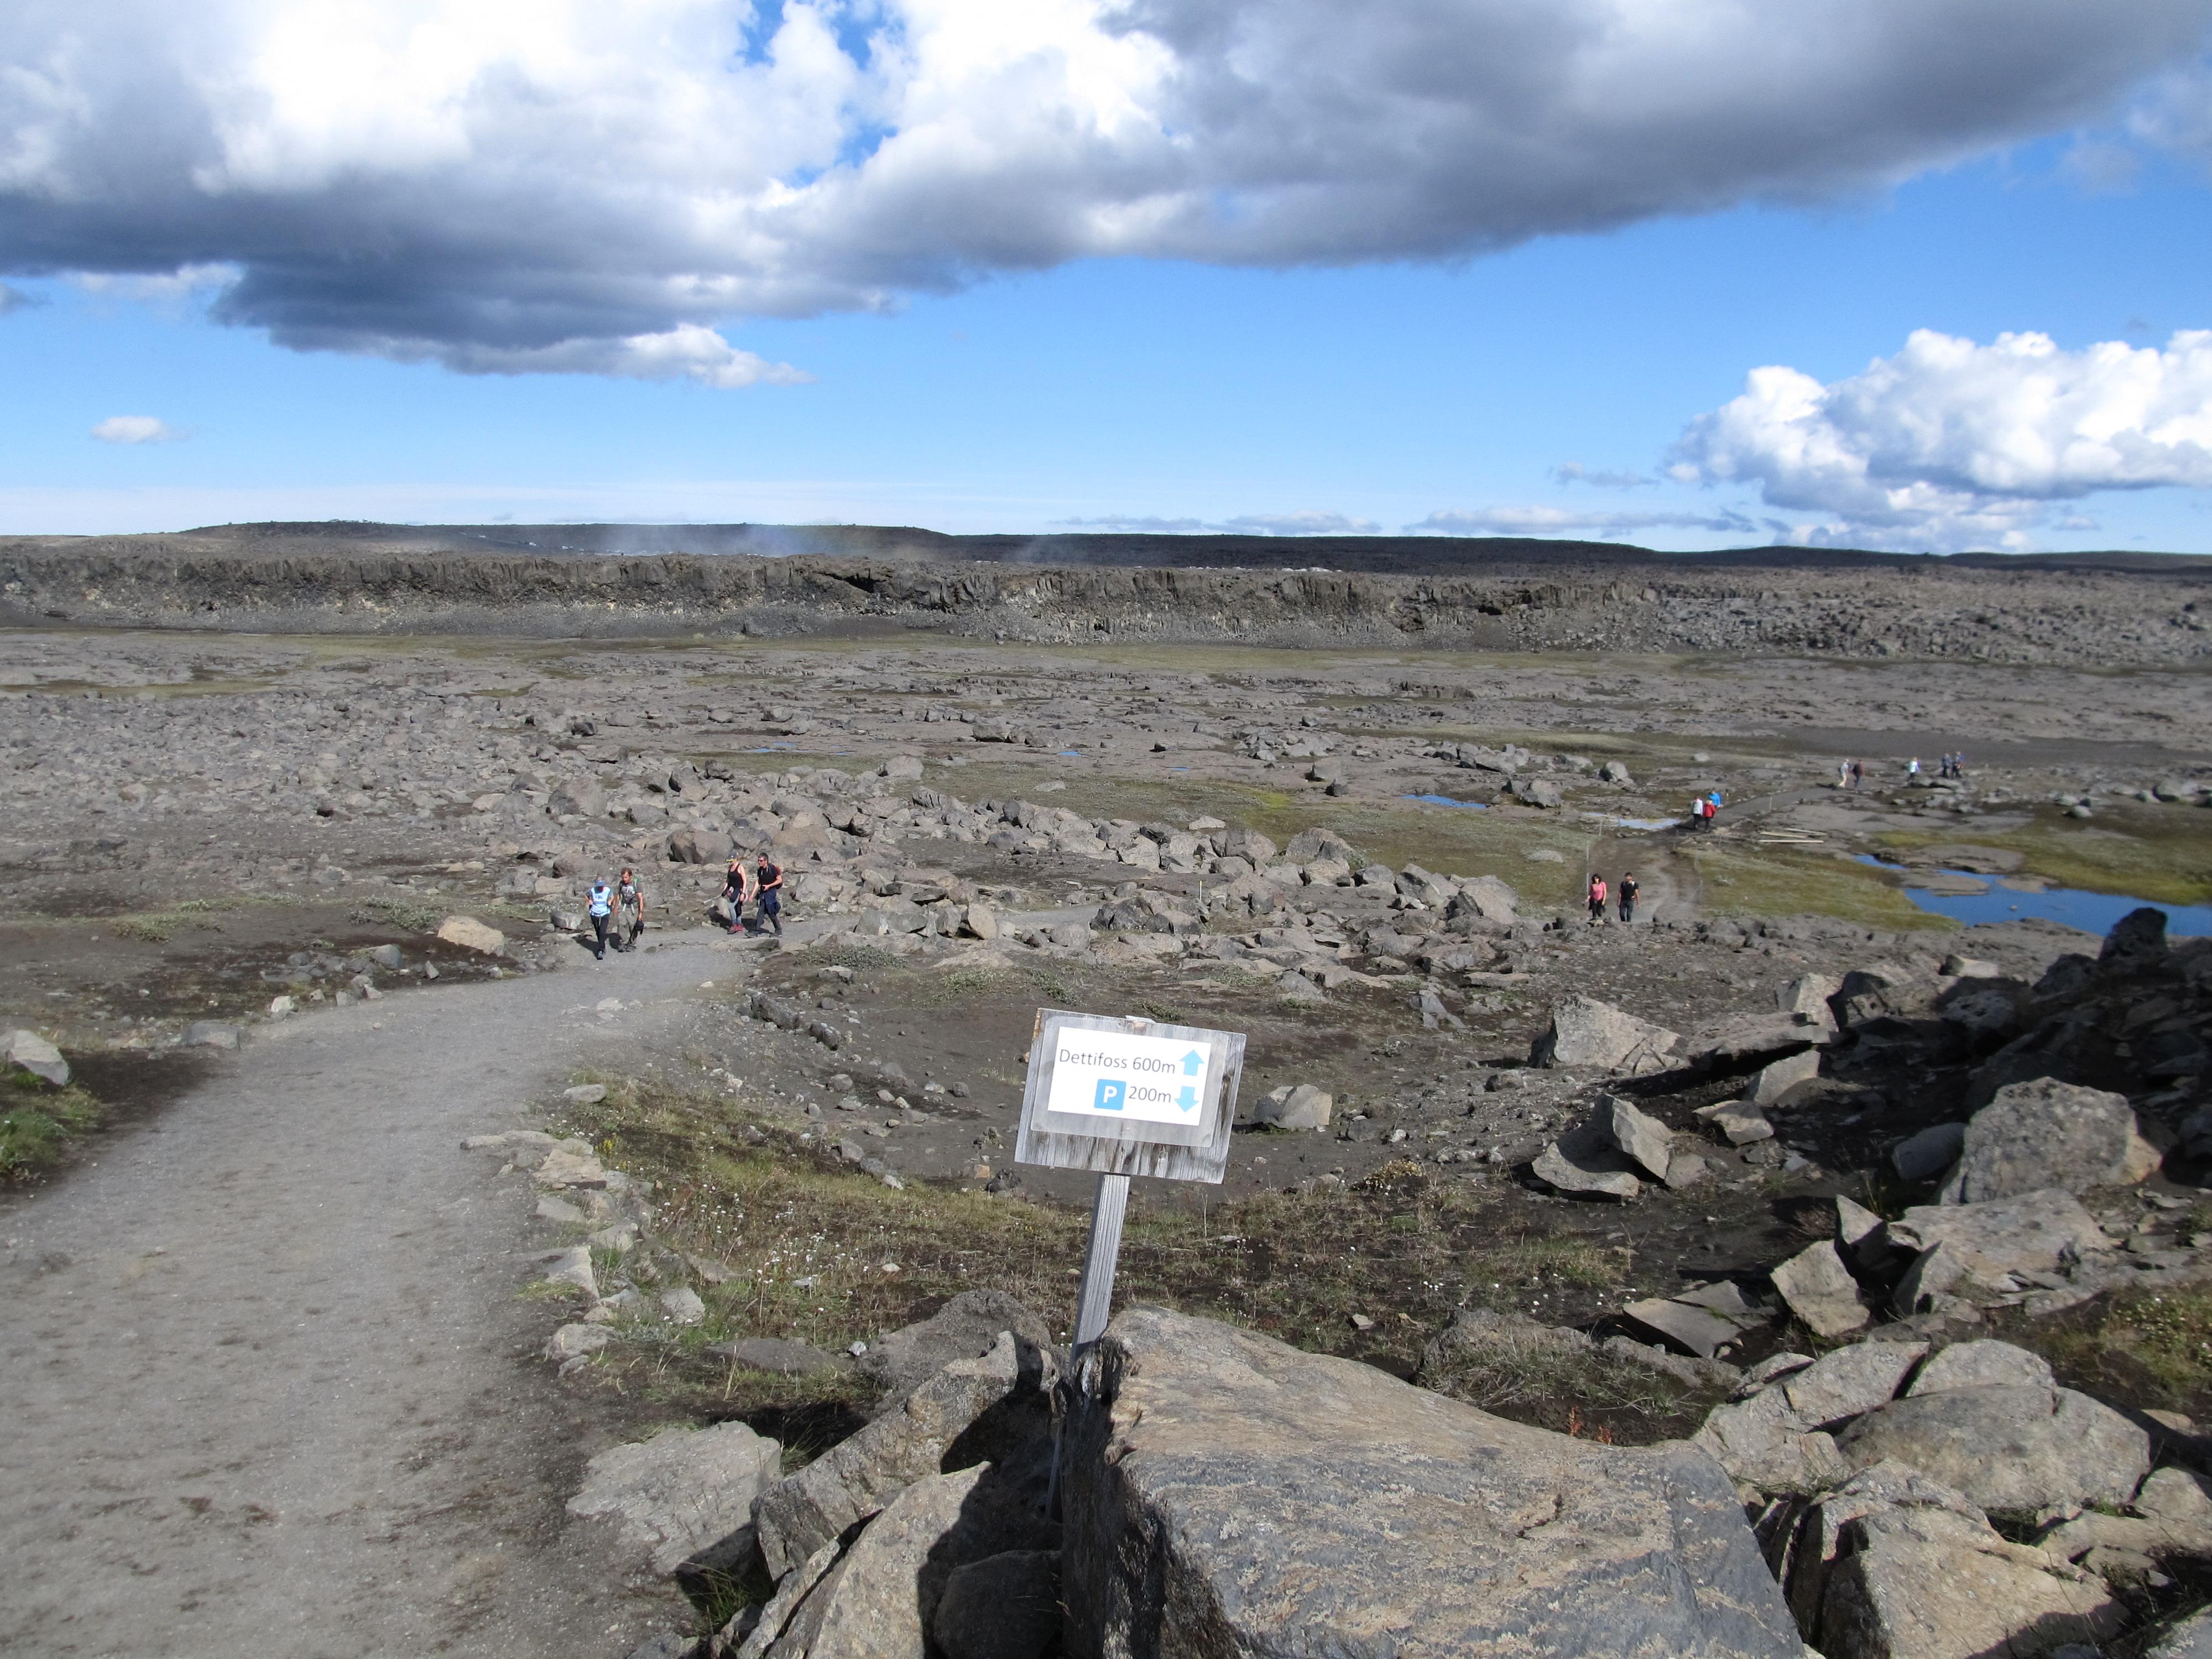 北アイスランドのデティフォスの滝に行ってきました!